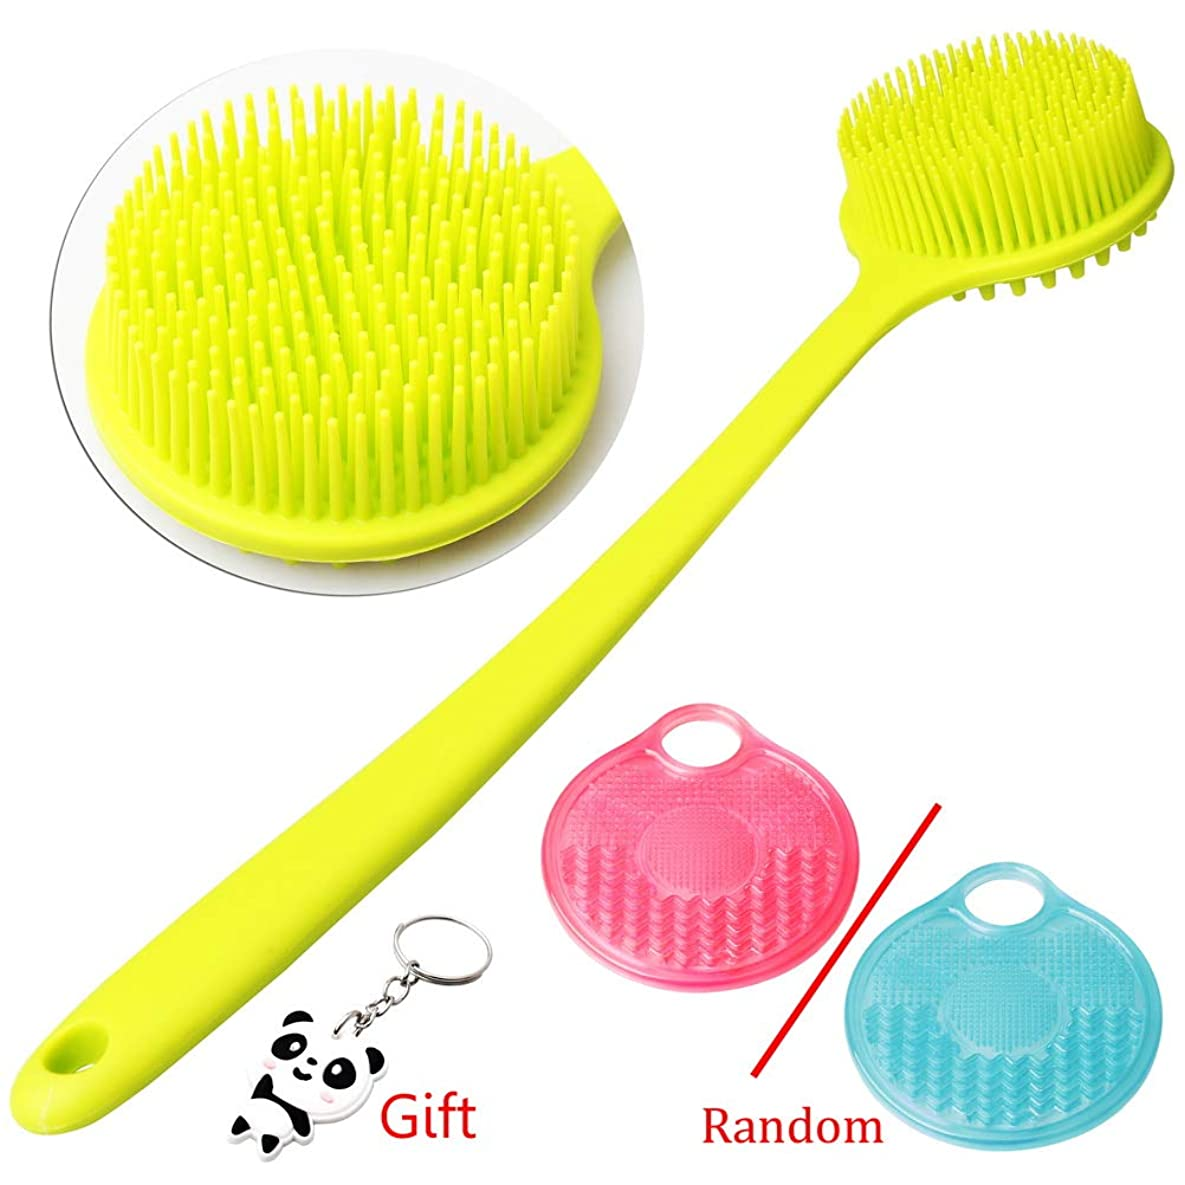 ガード取り消すアンビエントボディブラシ 体洗いブラシ 2個セット シャワーブラシ 血行促進 角質除去 美肌効果 お風呂用 シリコン製 グリーンとピンク